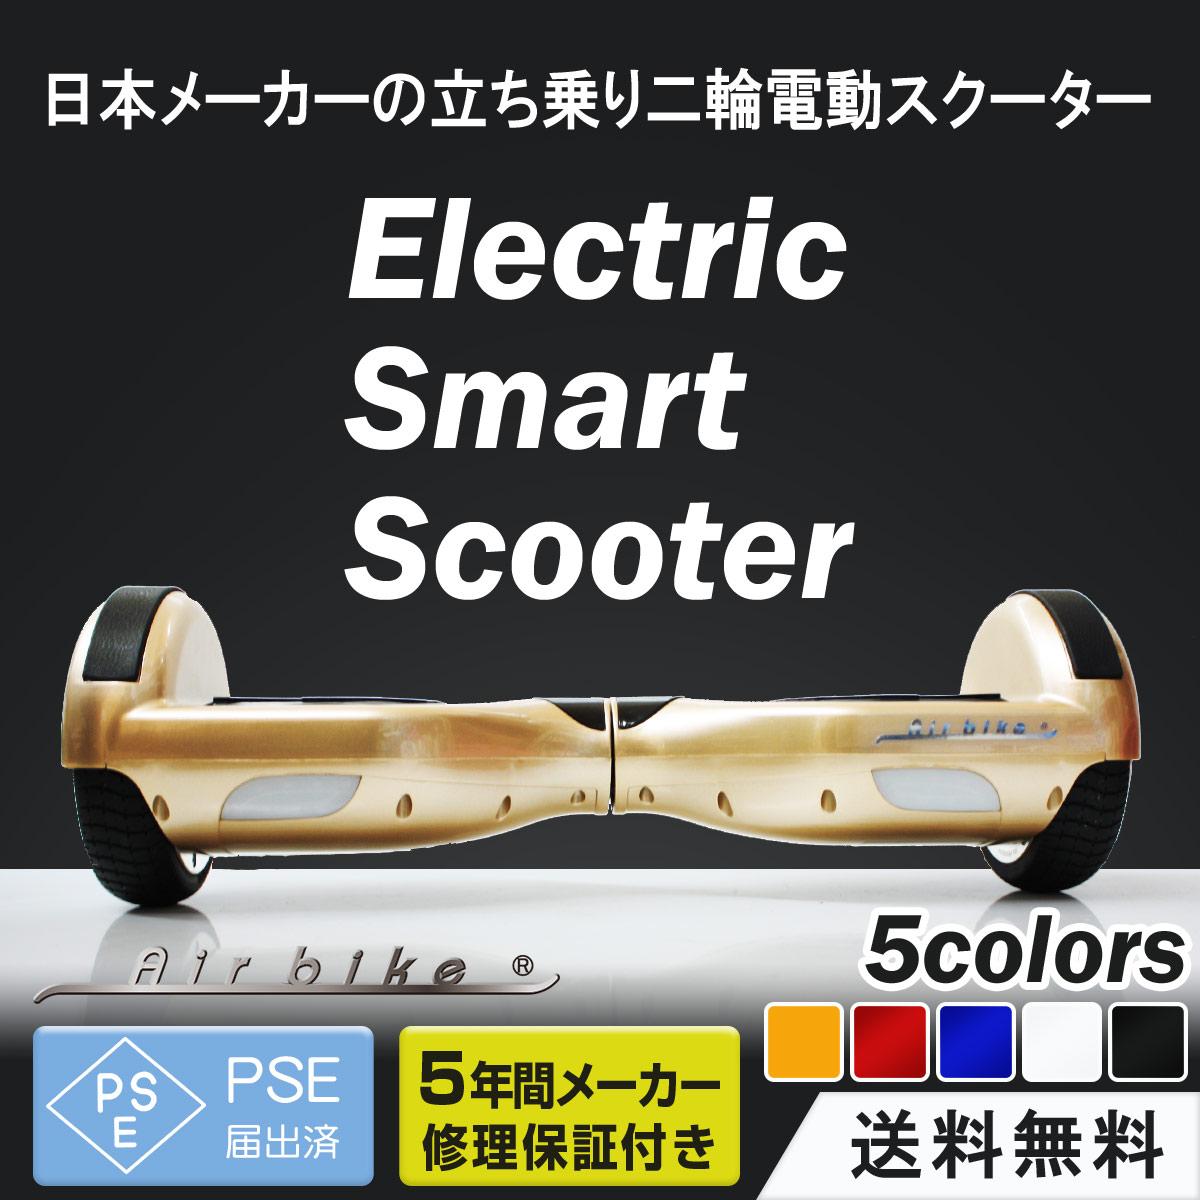 【安心の日本メーカー】電動スマートスクーター バランススクーター PSEマーク届出済 Airbike (セグウェイ ホバーボード バランスボード 電動二輪車 ミニセグウェイ)【送料無料】